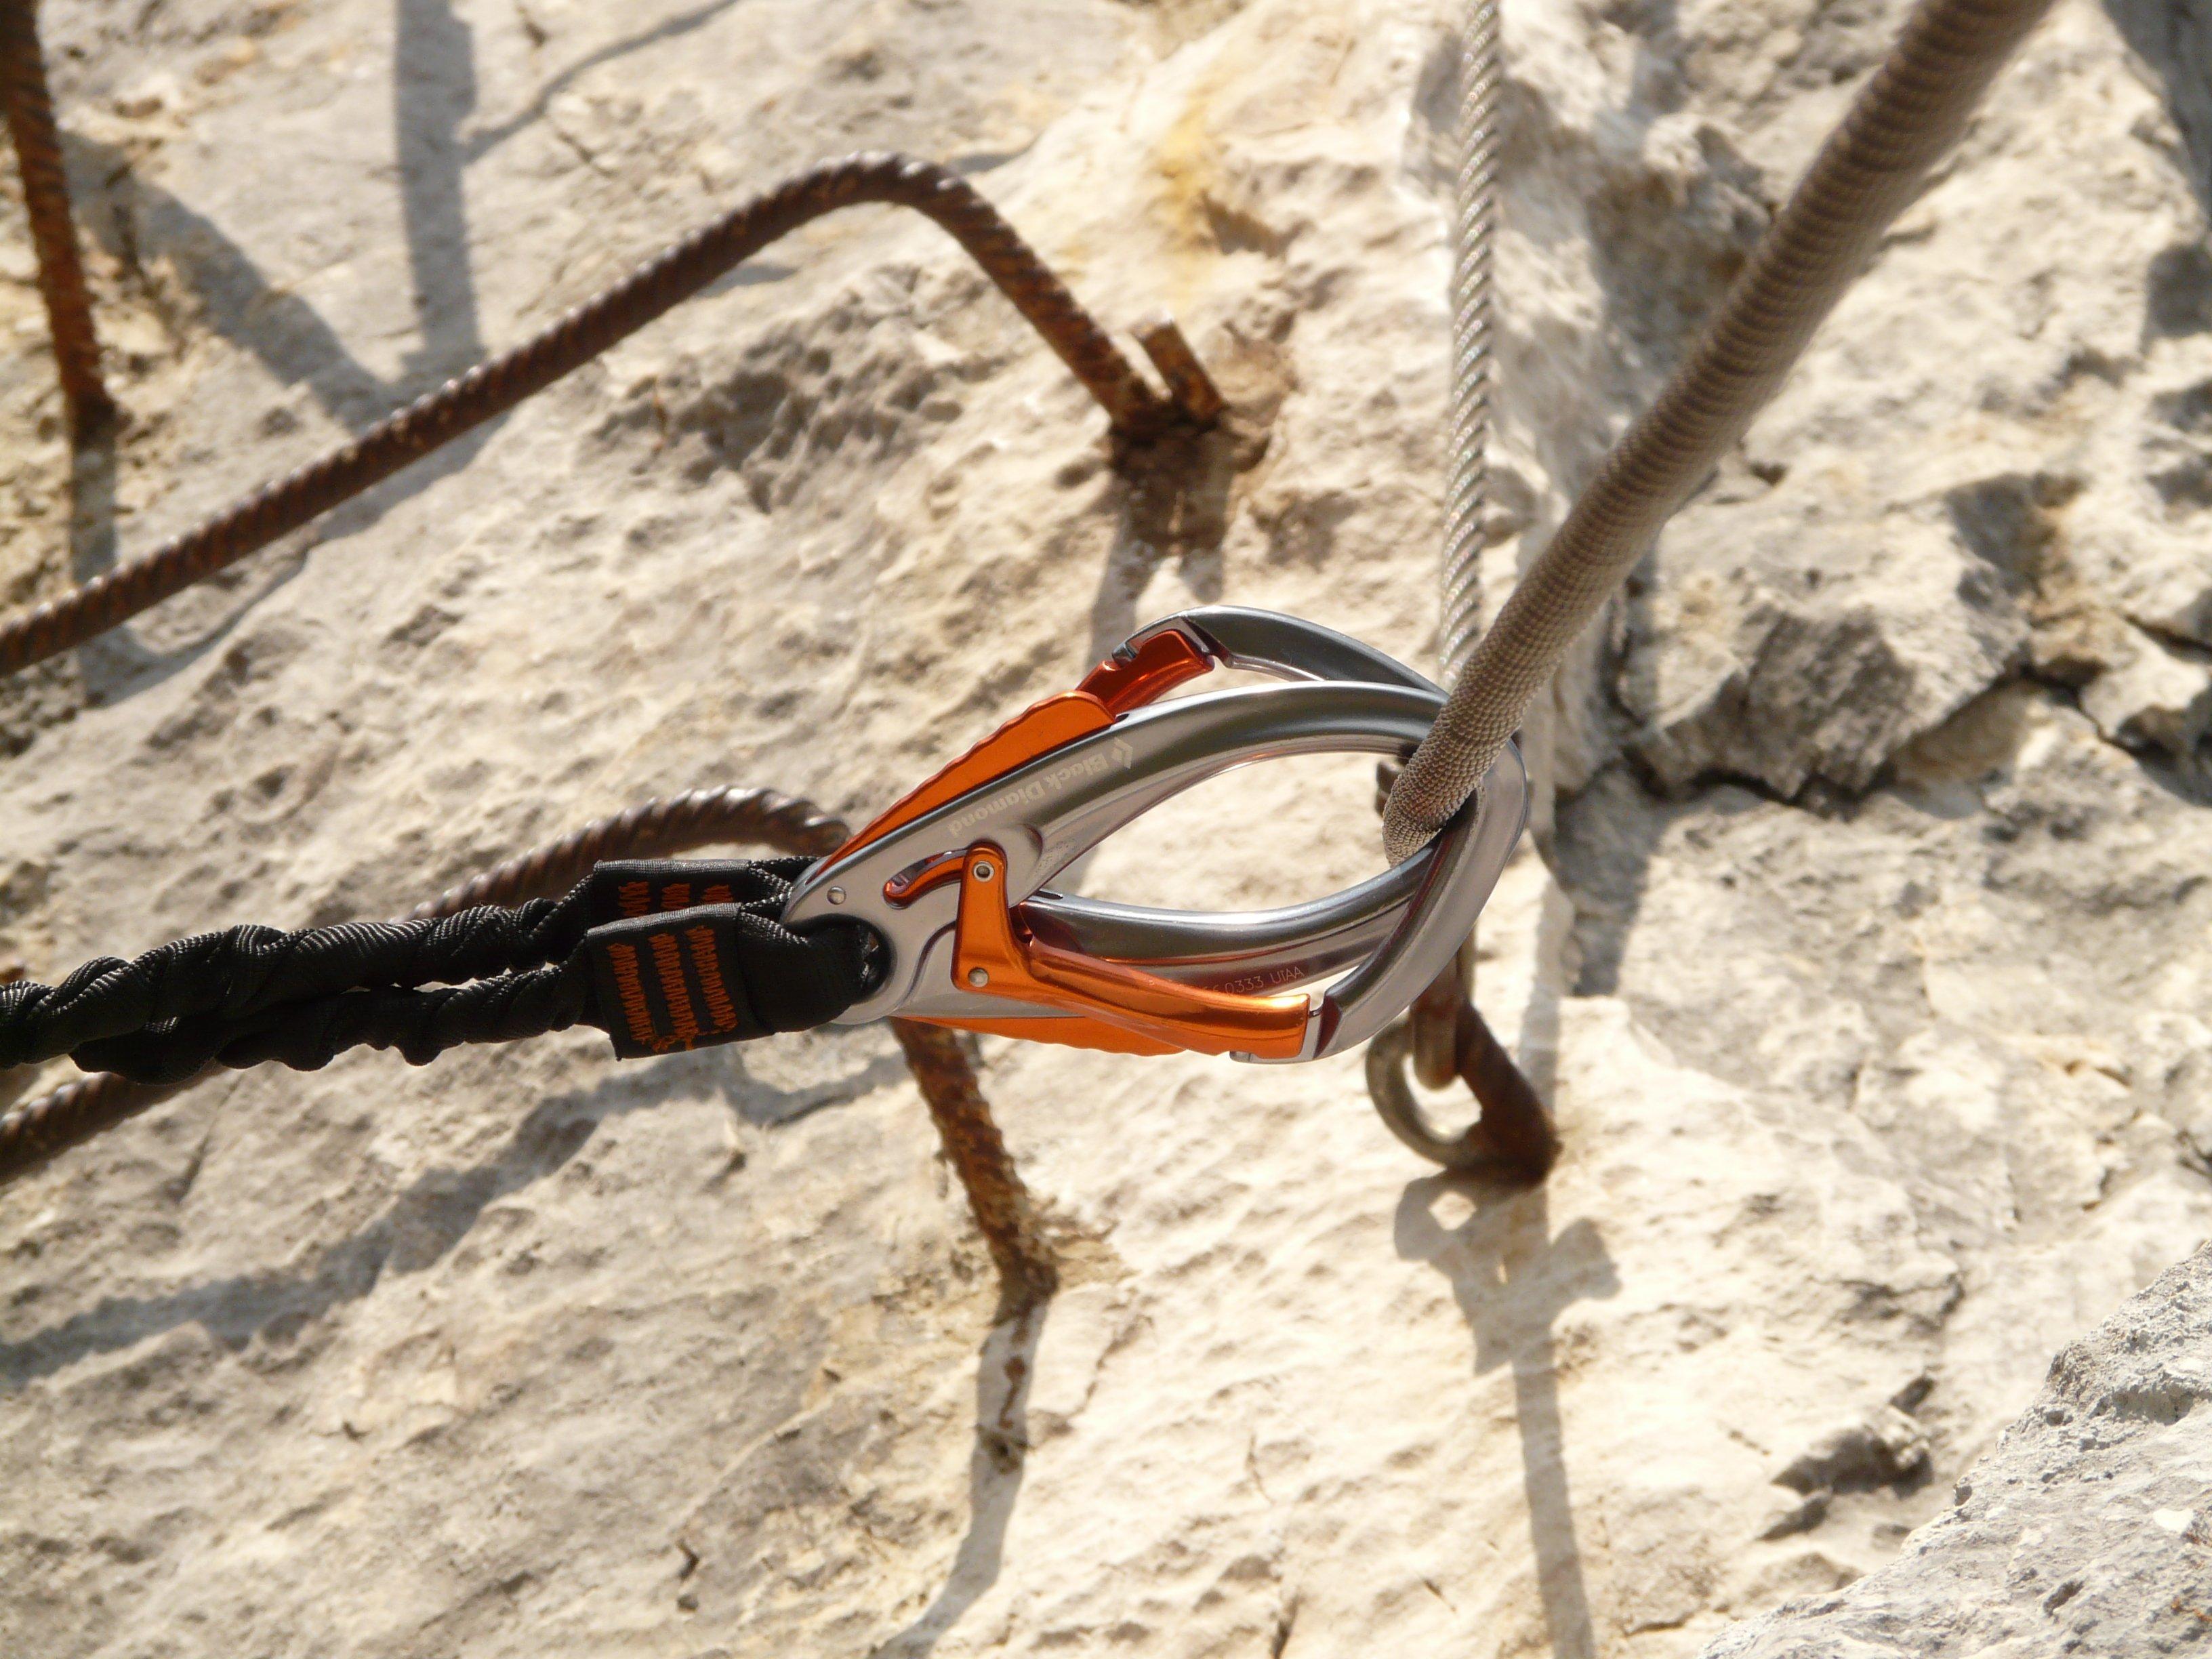 Kletterausrüstung Haken : Kostenlose foto zügel klettern sicherheit haken zaum brille